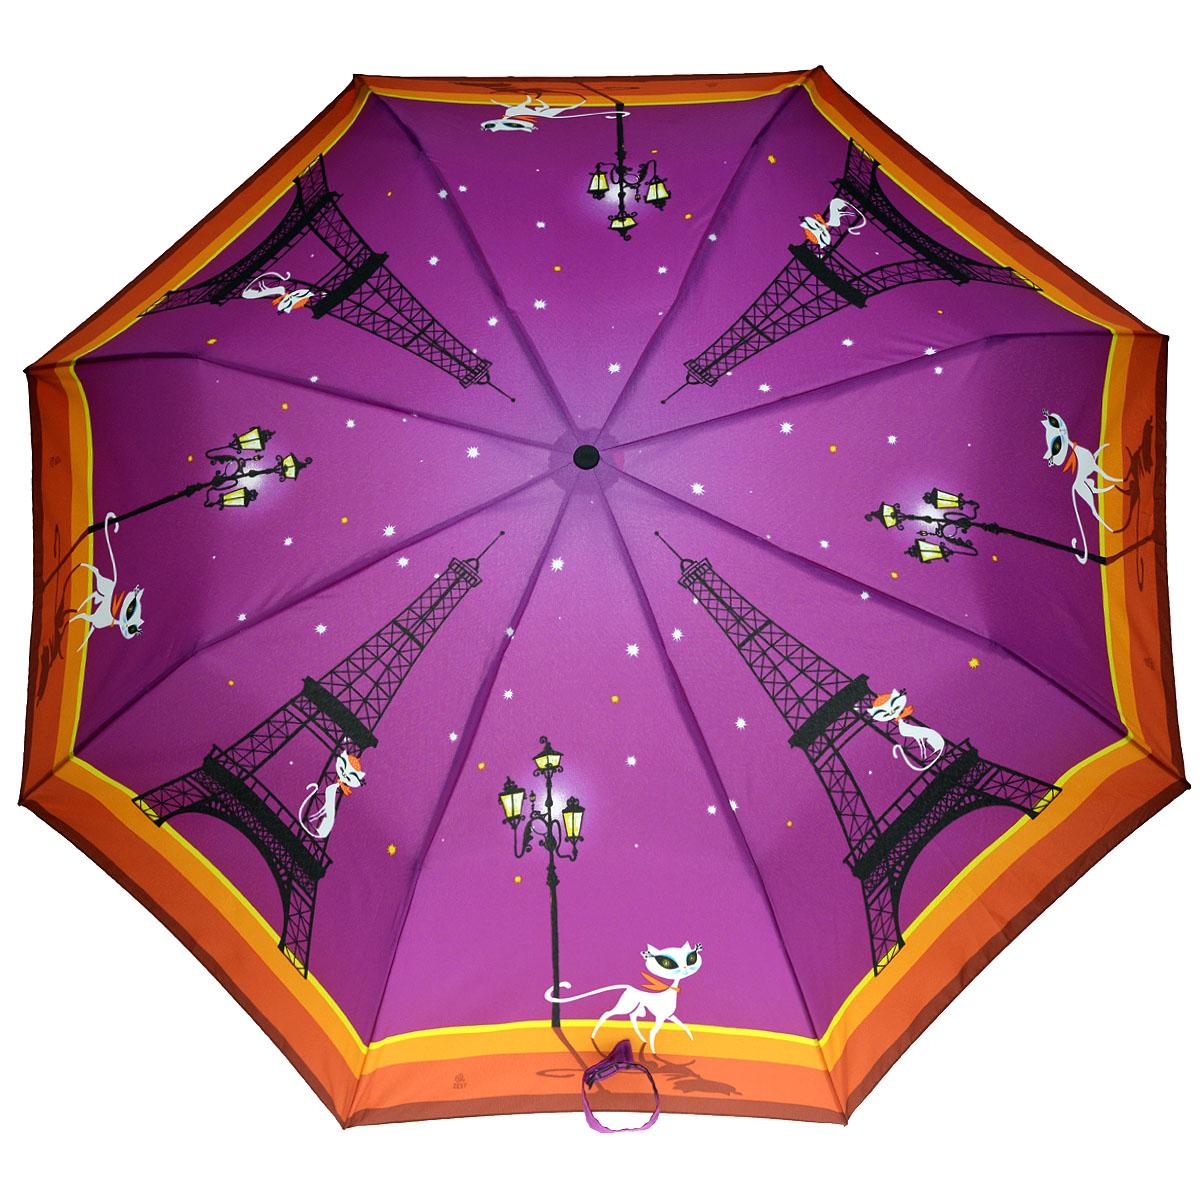 Зонт женский Zest, автомат, 4 сложения, цвет: фиолетовый. 24756-810524756-8105Очаровательный автоматический зонт Zest в 4 сложения изготовлен из высокопрочных материалов. Каркас зонта состоит из 8 спиц и прочного алюминиевого стержня. Специальная система Windproof защищает его от поломок во время сильных порывов ветра. Купол зонта выполнен из прочного полиэстера с водоотталкивающей пропиткой и оформлен забавным изображением кошечки, разгуливающей по Парижу, и кота на Эйфелевой башни. Используемые высококачественные красители обеспечивают длительное сохранение свойств ткани купола. Рукоятка, разработанная с учетом требований эргономики, выполнена из пластика. Зонт имеет полный автоматический механизм сложения: купол открывается и закрывается нажатием кнопки на рукоятке, стержень складывается вручную до характерного щелчка. Благодаря этому открыть и закрыть зонт можно одной рукой, что чрезвычайно удобно при входе в транспорт или помещение. Небольшой шнурок, расположенный на рукоятке, позволяет надеть изделие на руку при необходимости. Модель...